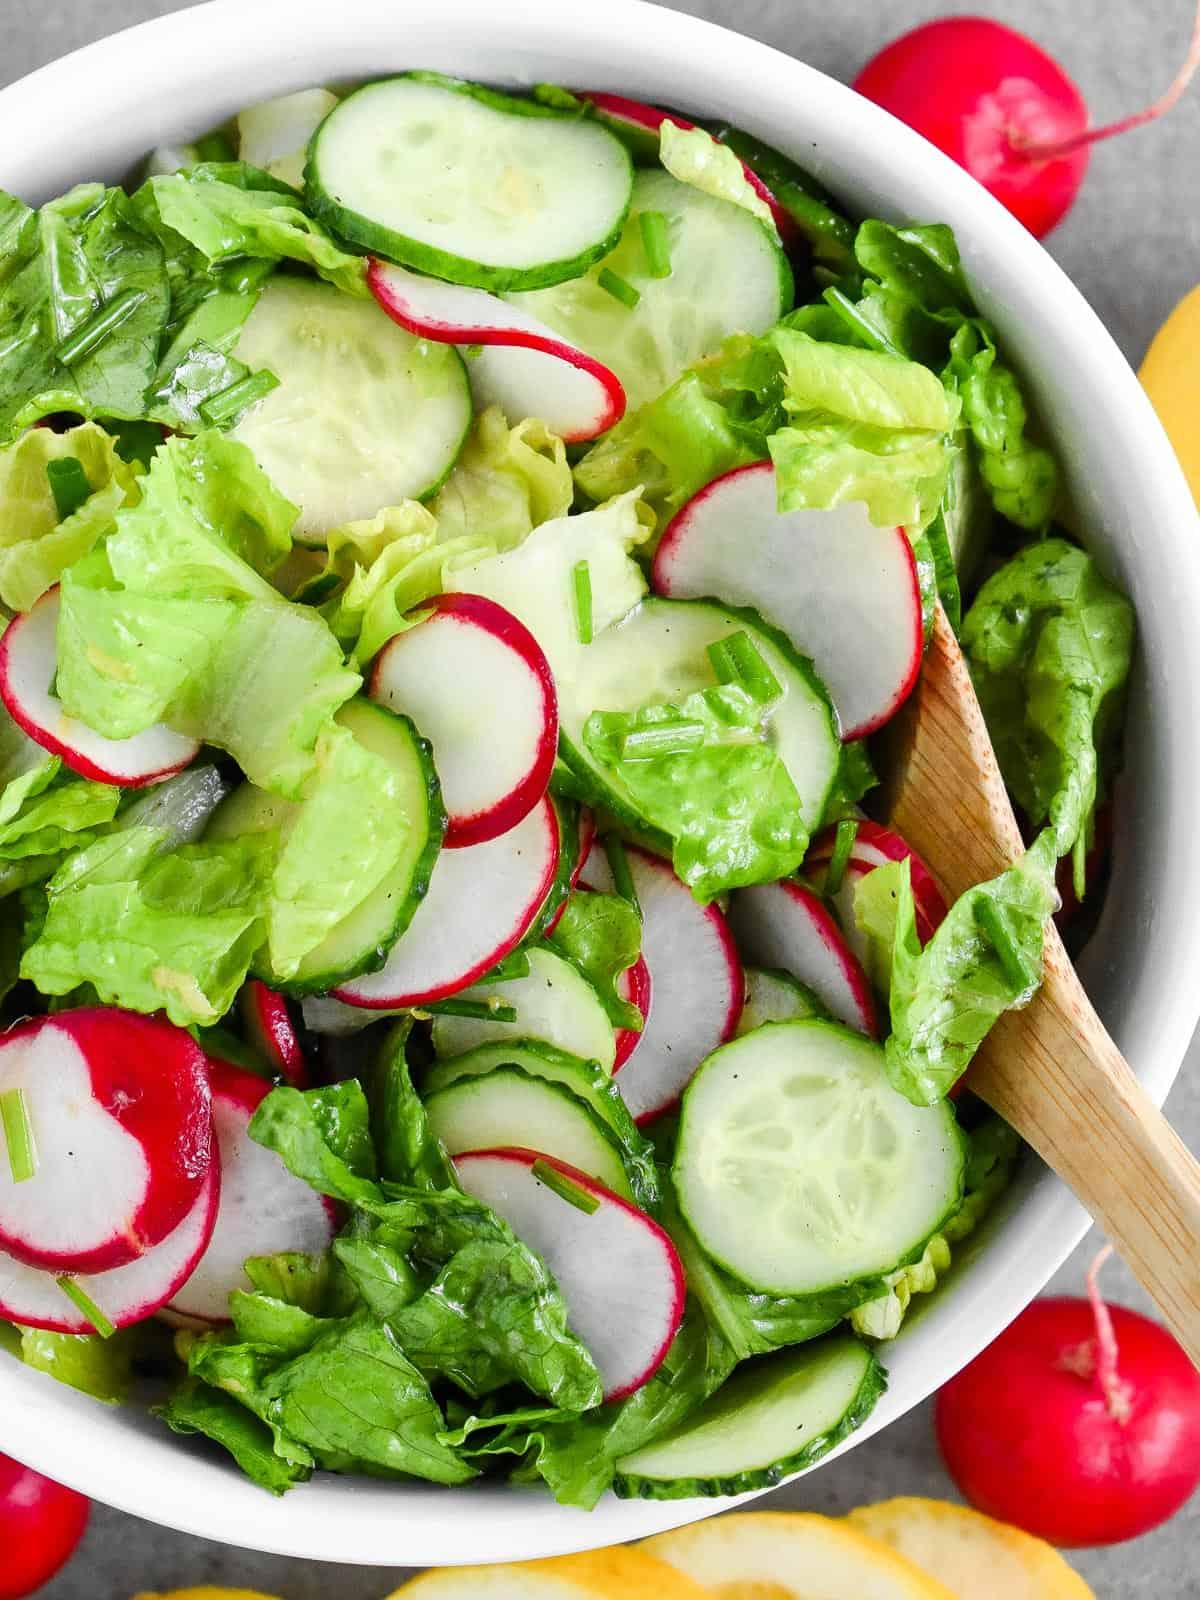 Lettuce Radish Salad with Lemon Vinaigrette - Olga in the ...